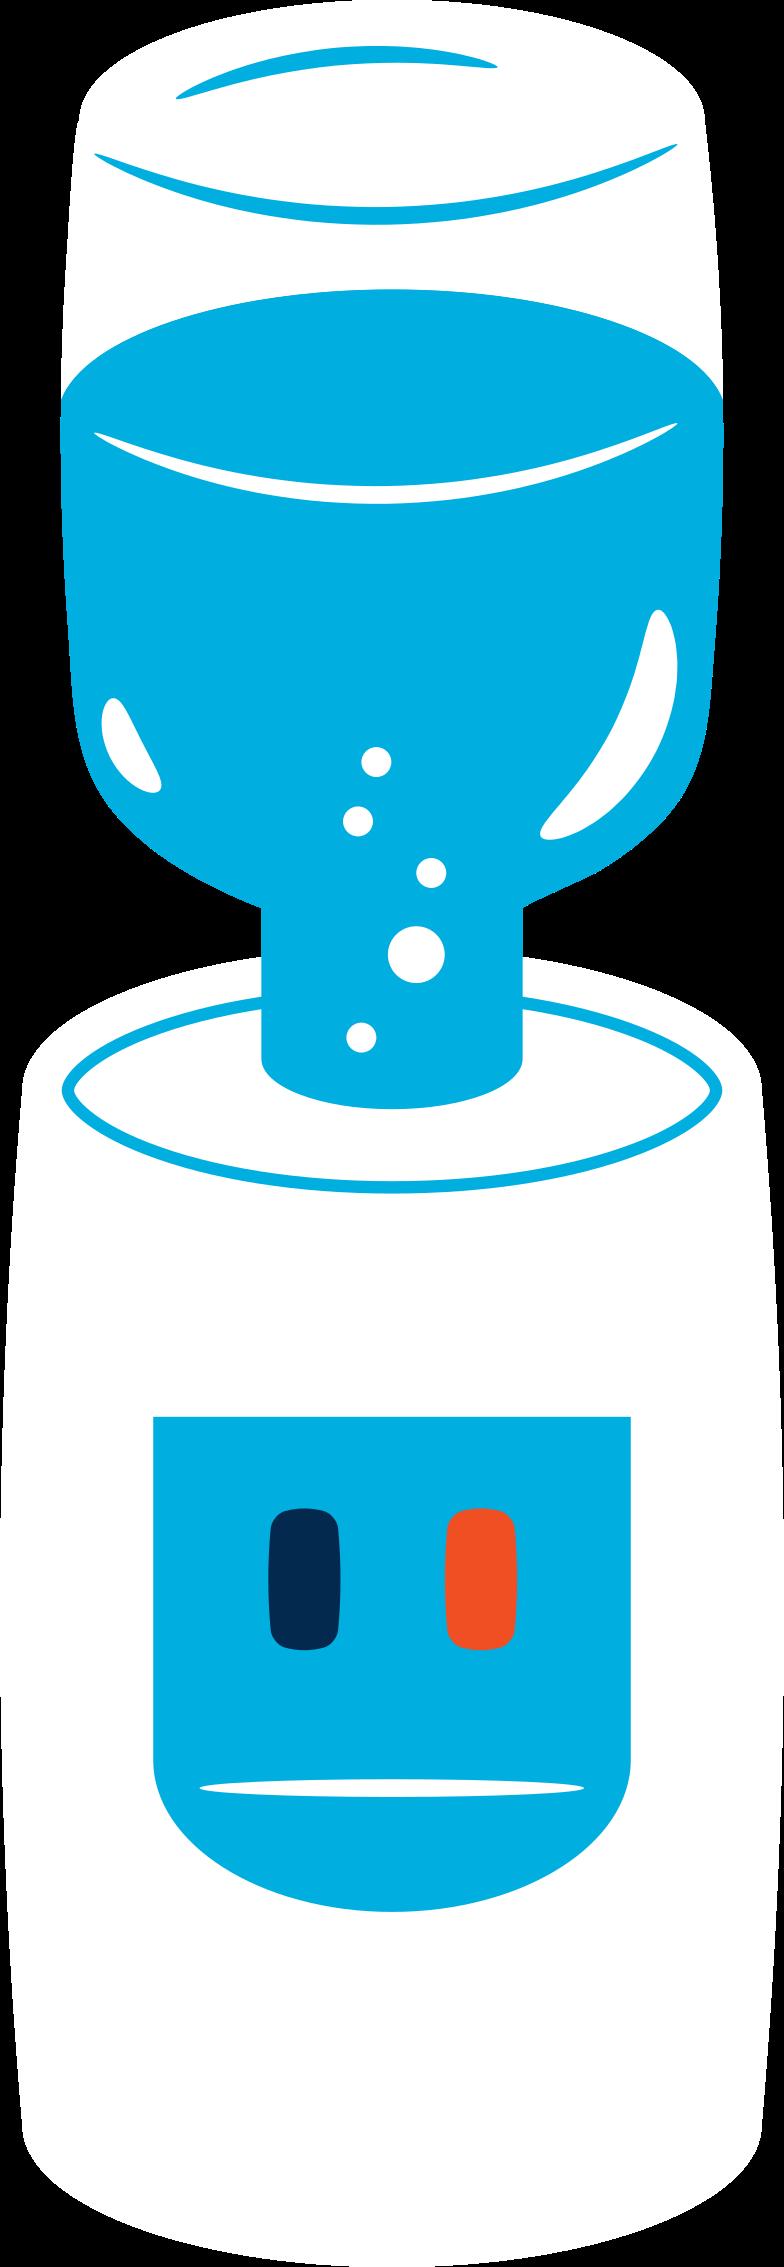 cooler Clipart illustration in PNG, SVG